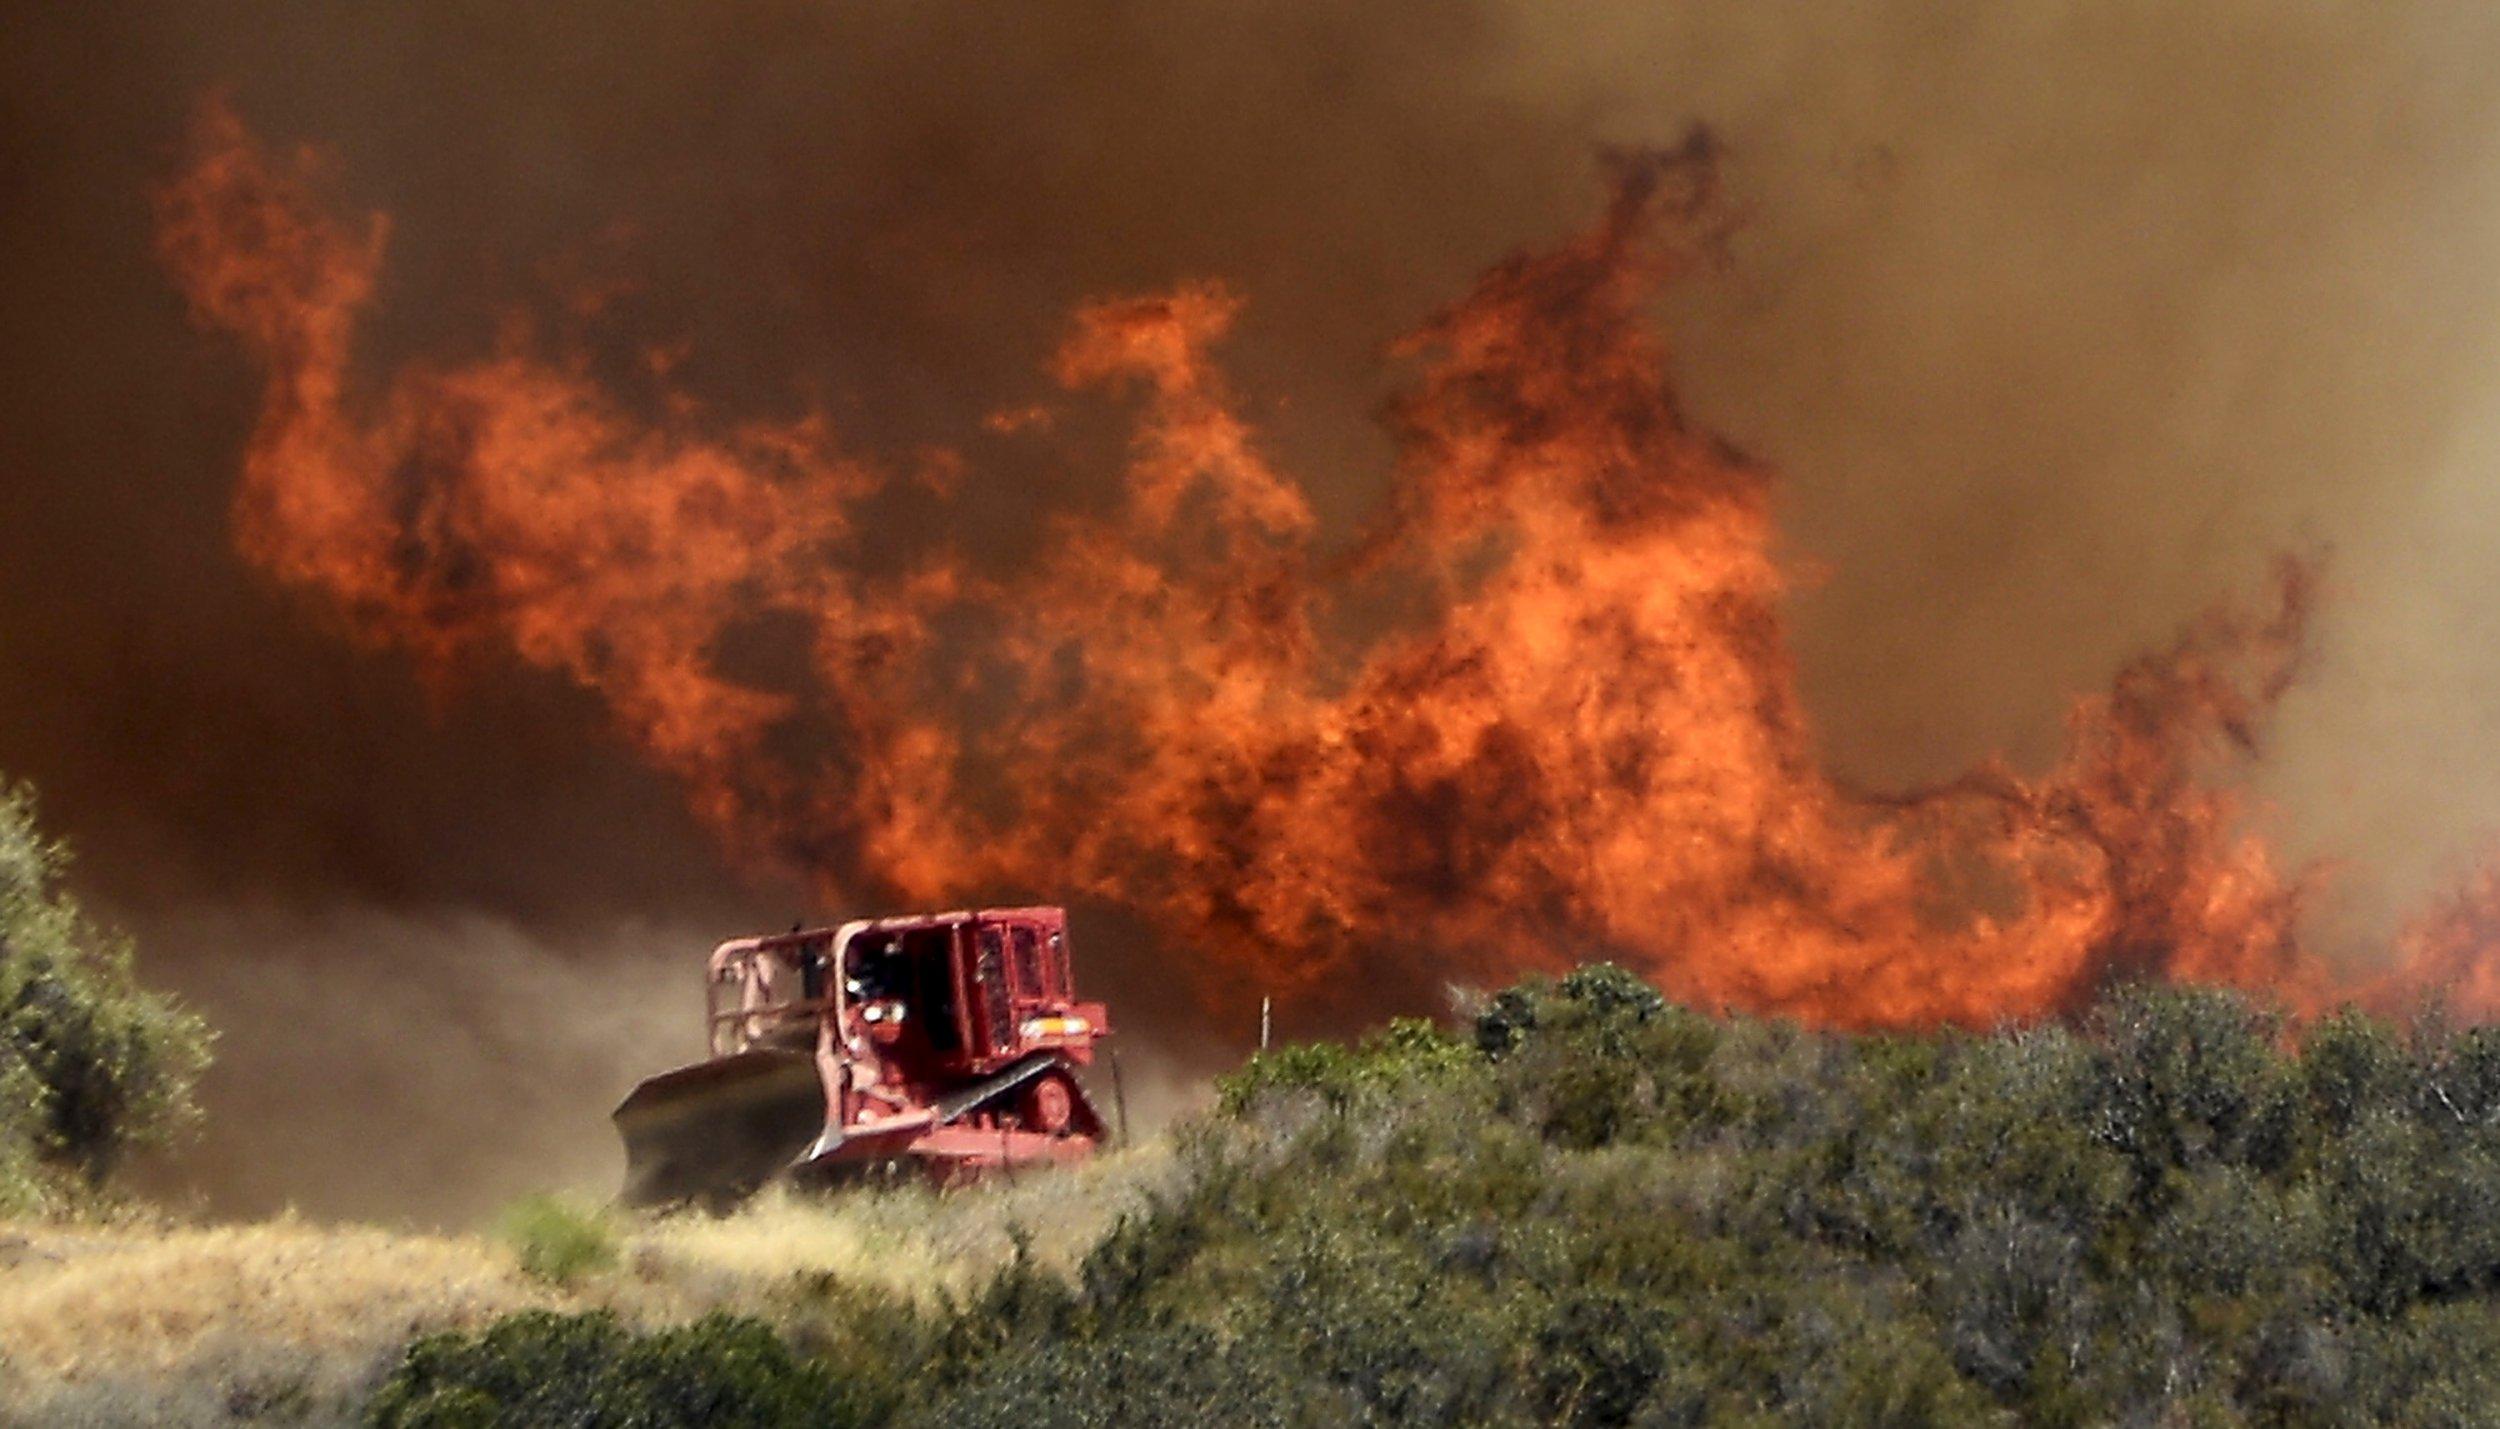 la fires - photo #37